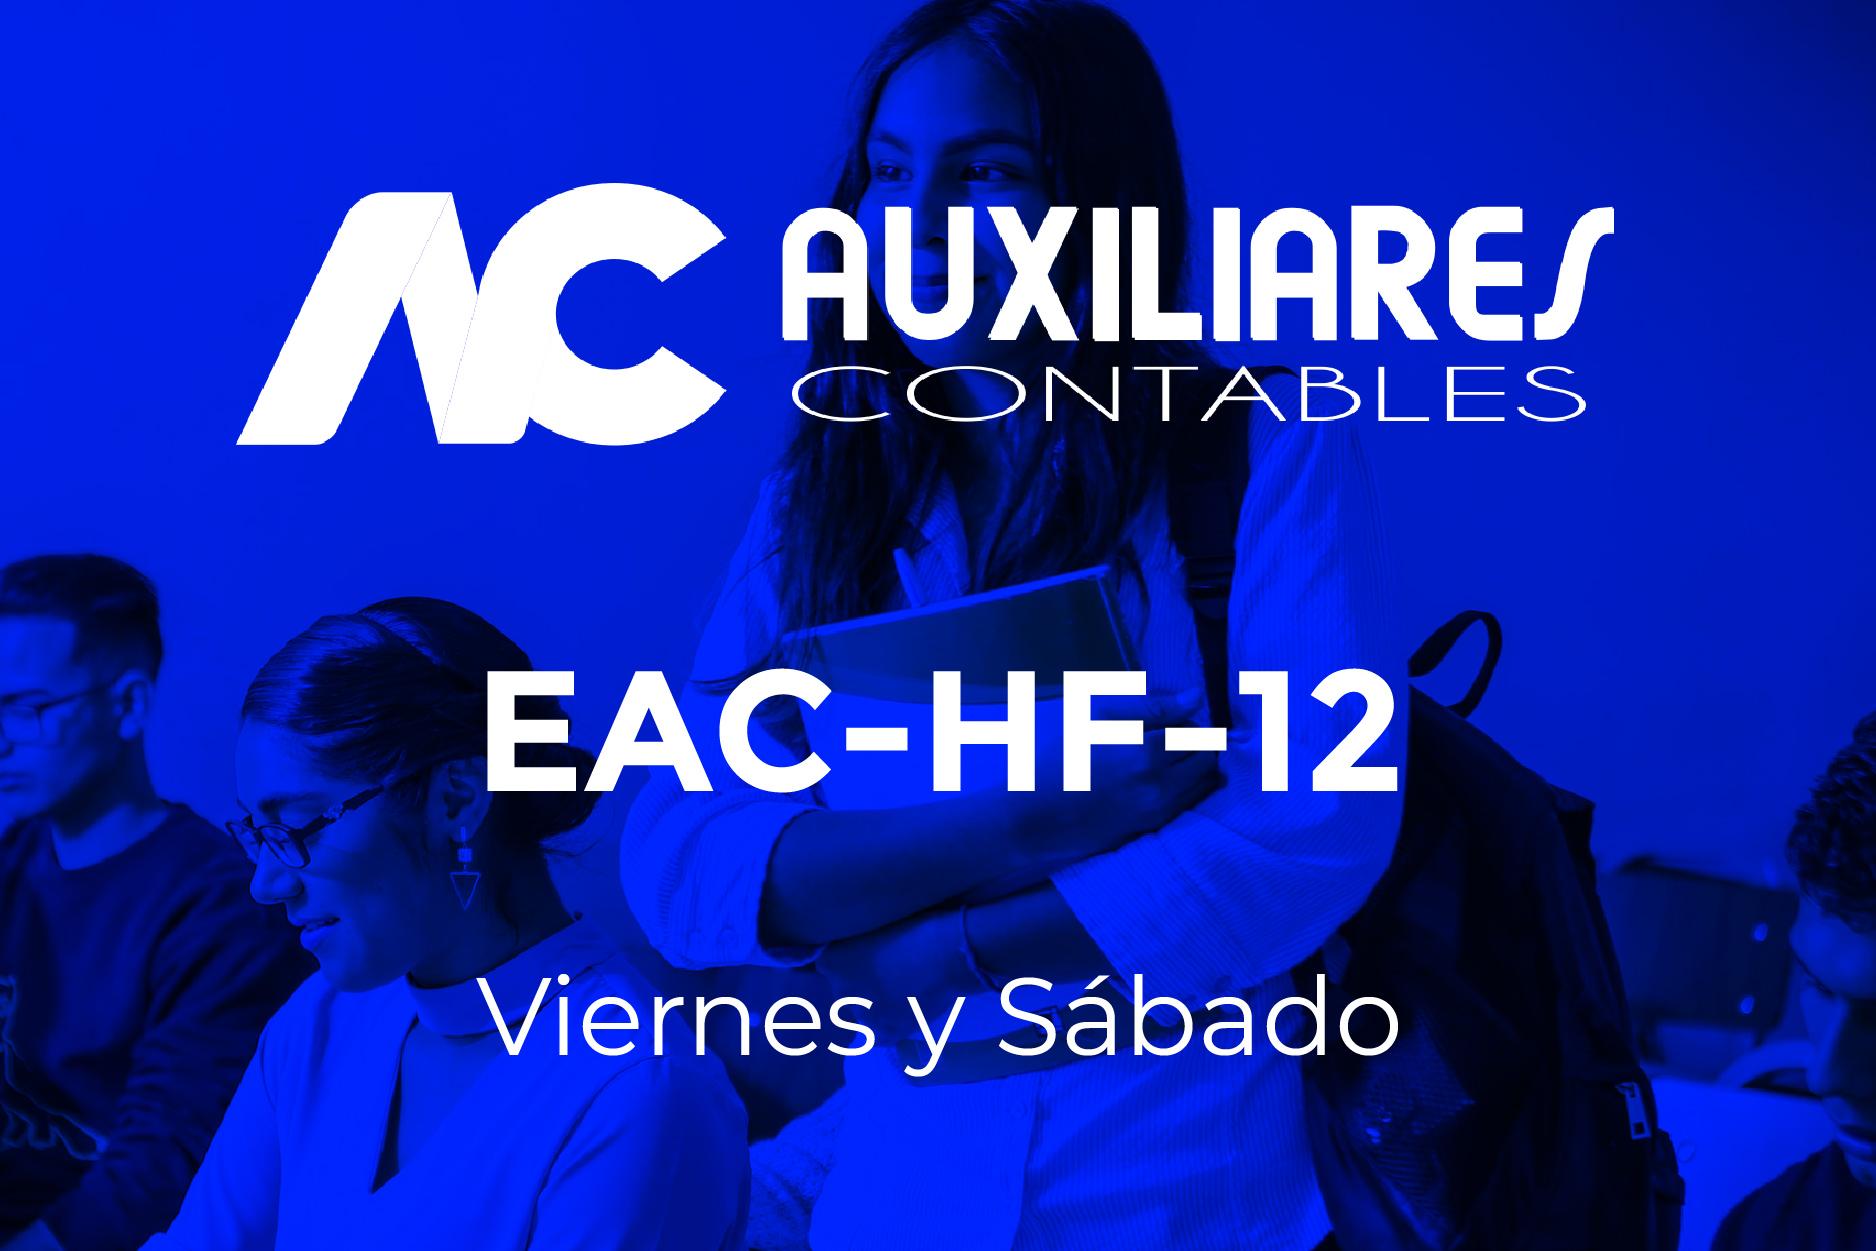 12 - AUXILIARES CONTABLES - VIERNES Y SÁBADO